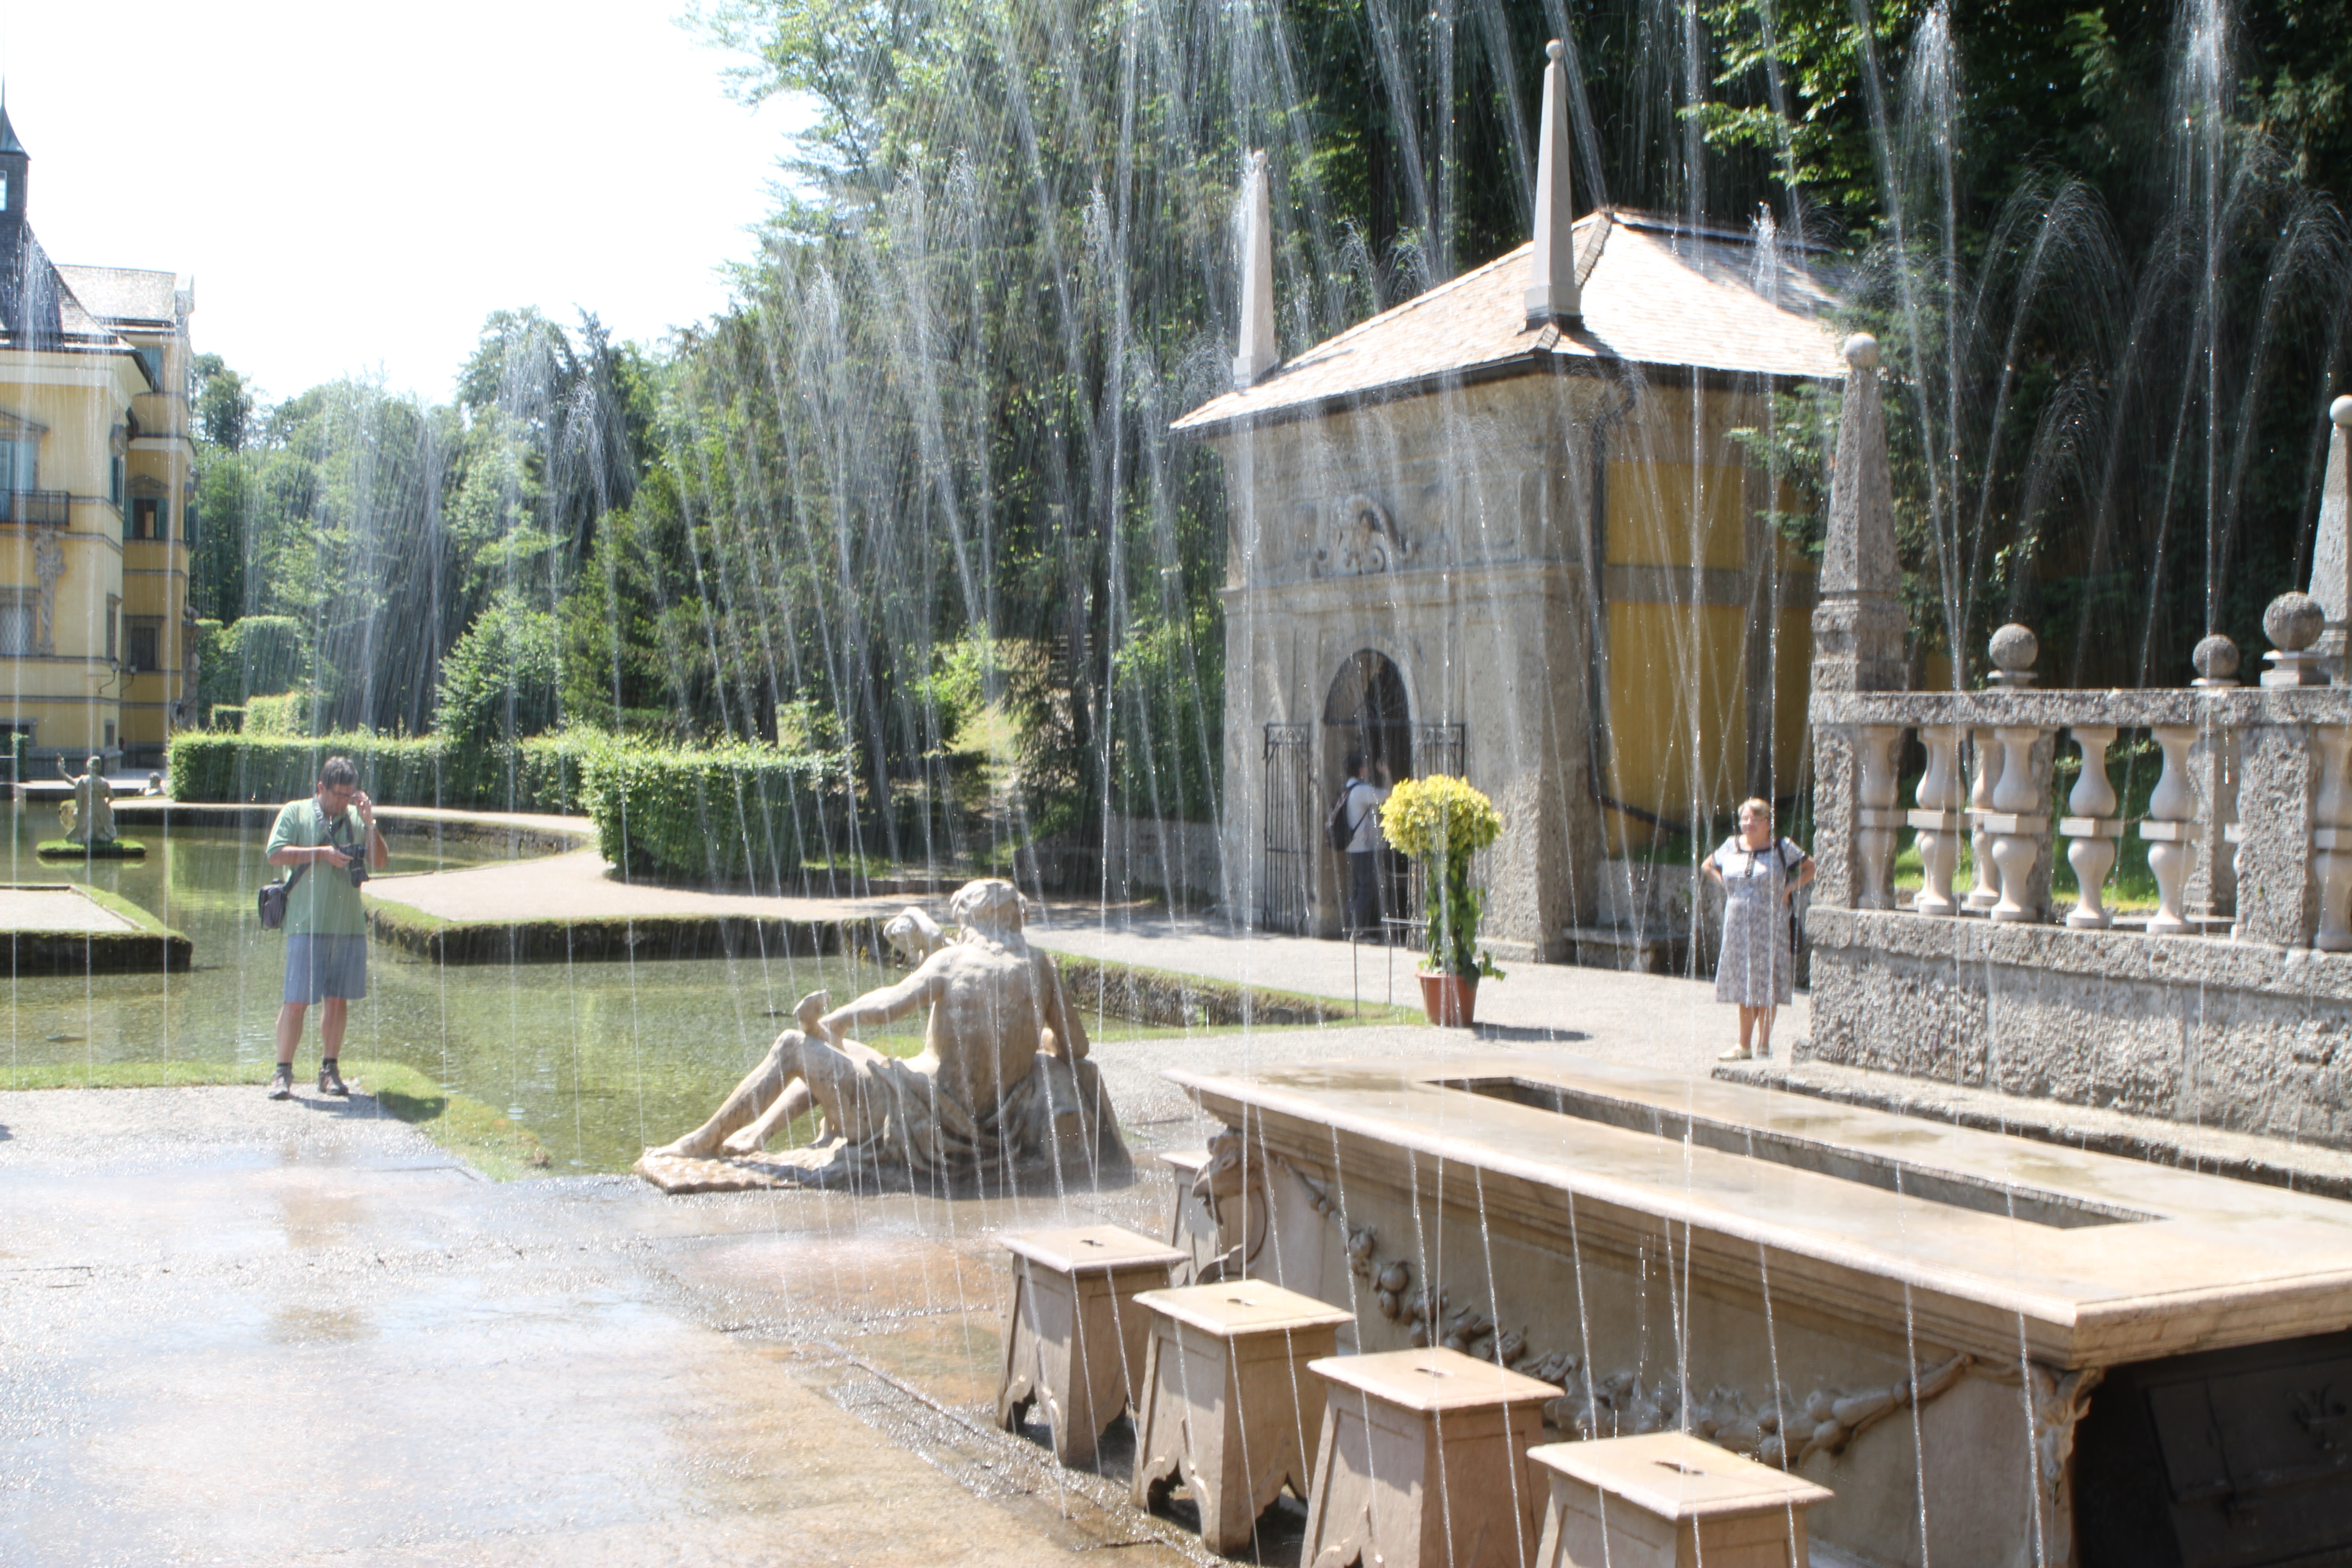 File:Schloss Hellbrunn IMG 3714 Wasserspiele.JPG.